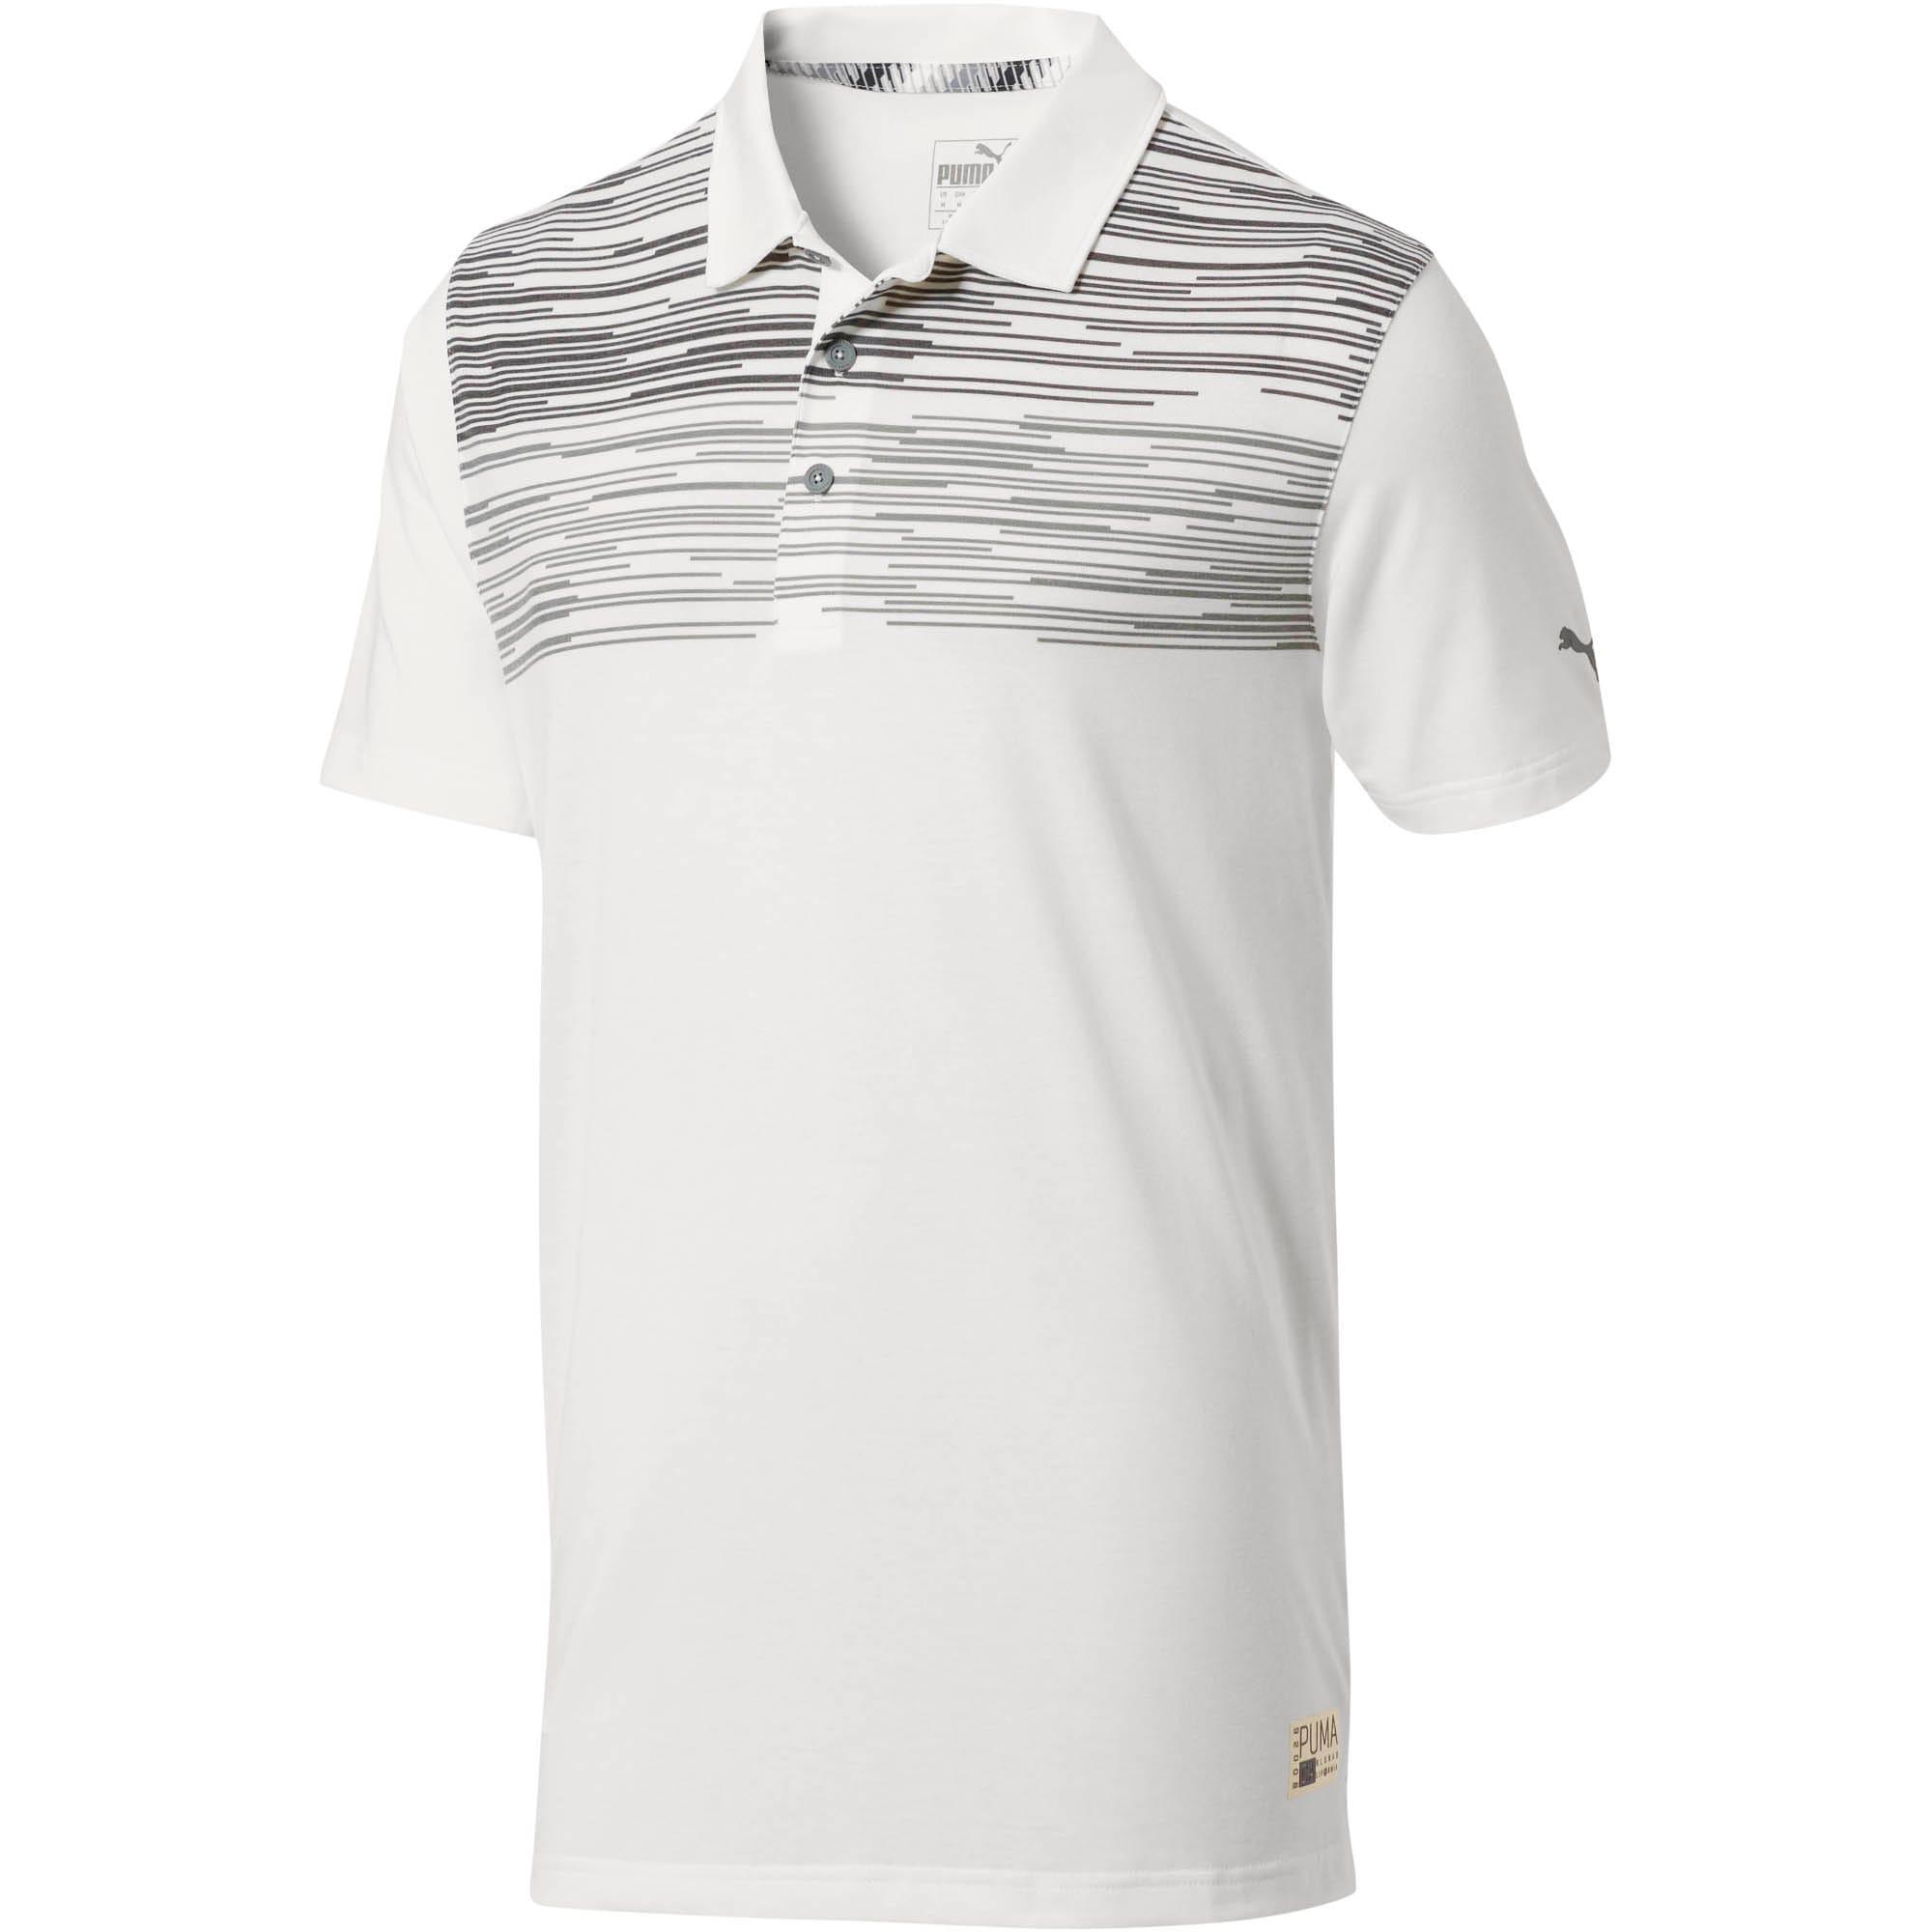 Miniatura 1 de Camiseta tipo polo Pin High para hombre, QUIET SHADE, mediano